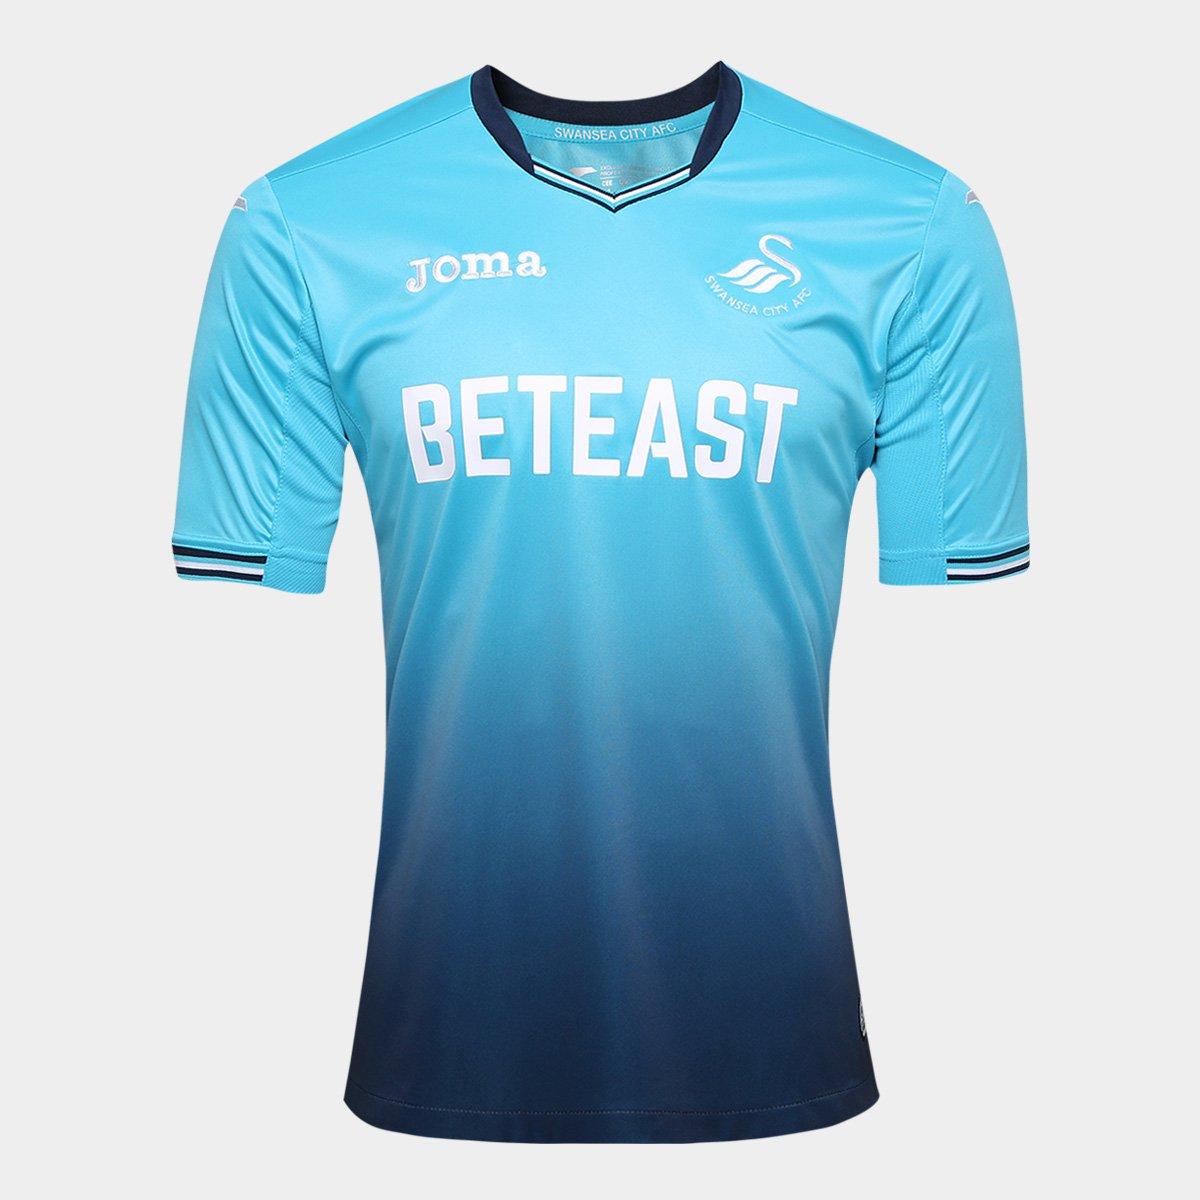 Camisa Swansea City Away 2017 s nº Torcedor Joma Masculina - Compre Agora  6363196562191